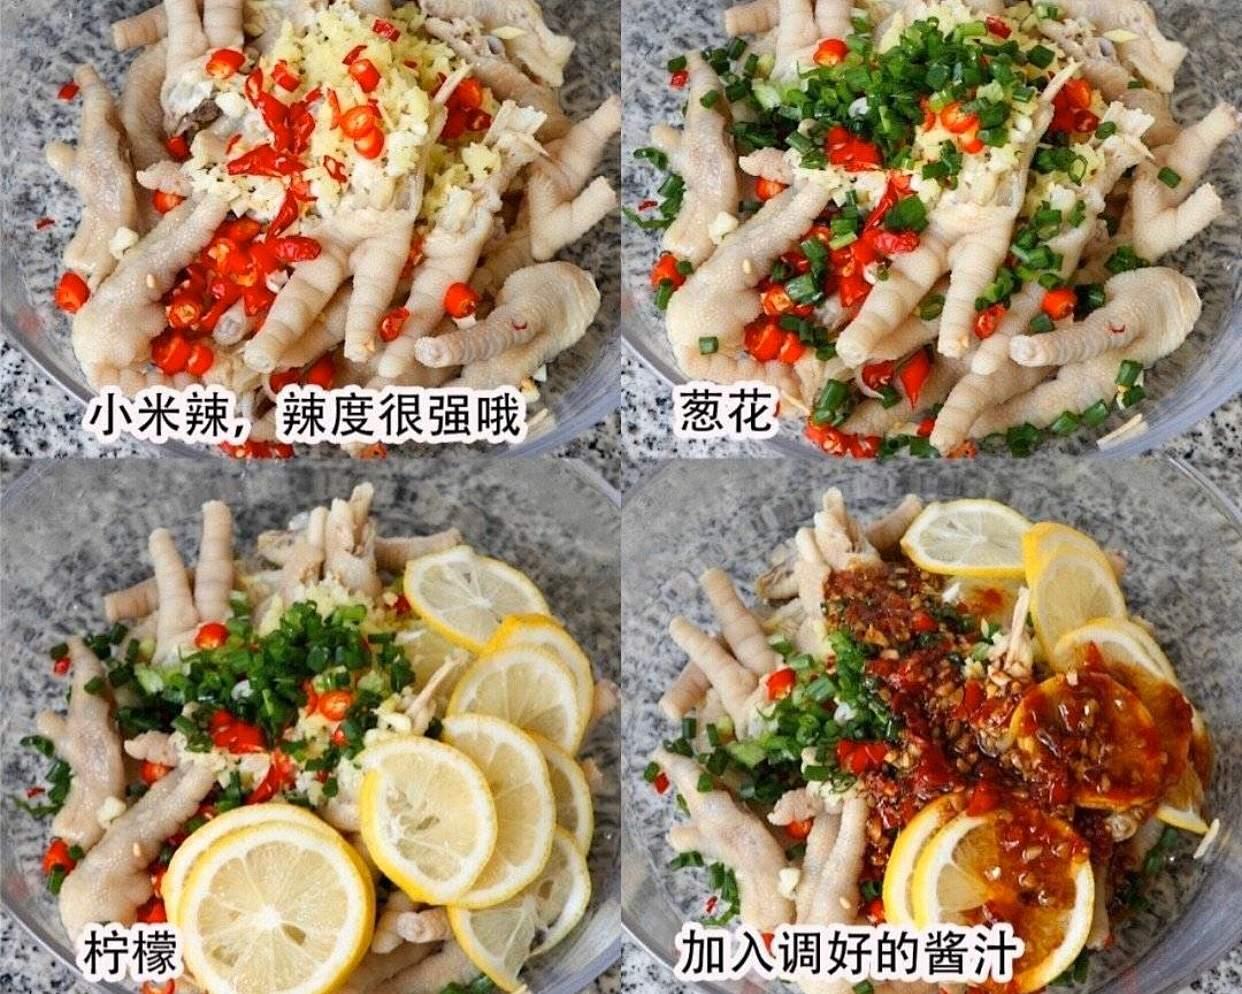 超级开胃的酸辣柠檬🍋鸡爪的做法 步骤5